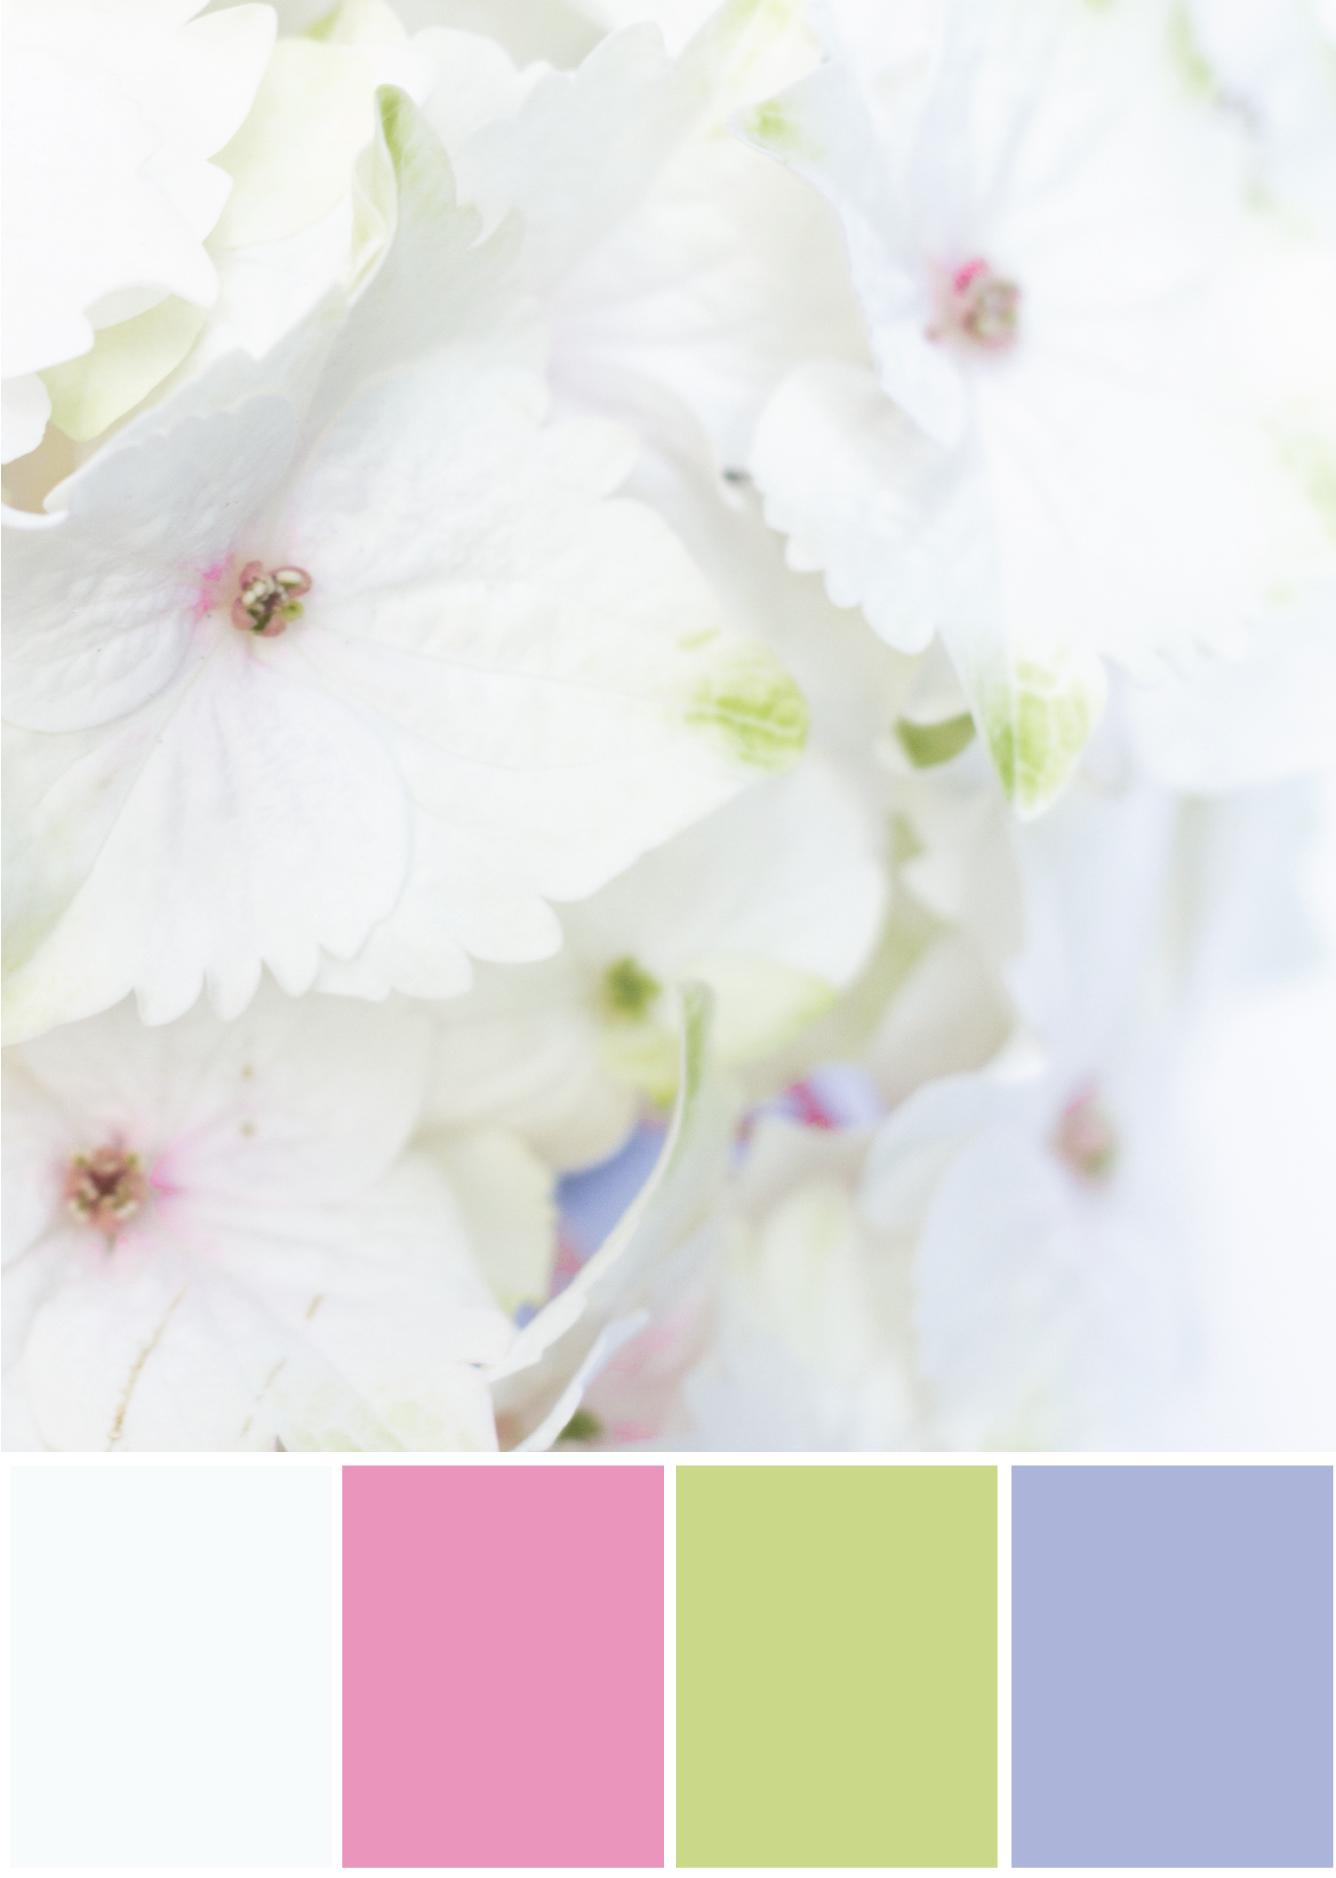 Farbkombinationen mit Weiß, Pink, Grün und Lila - Tweed & Greet